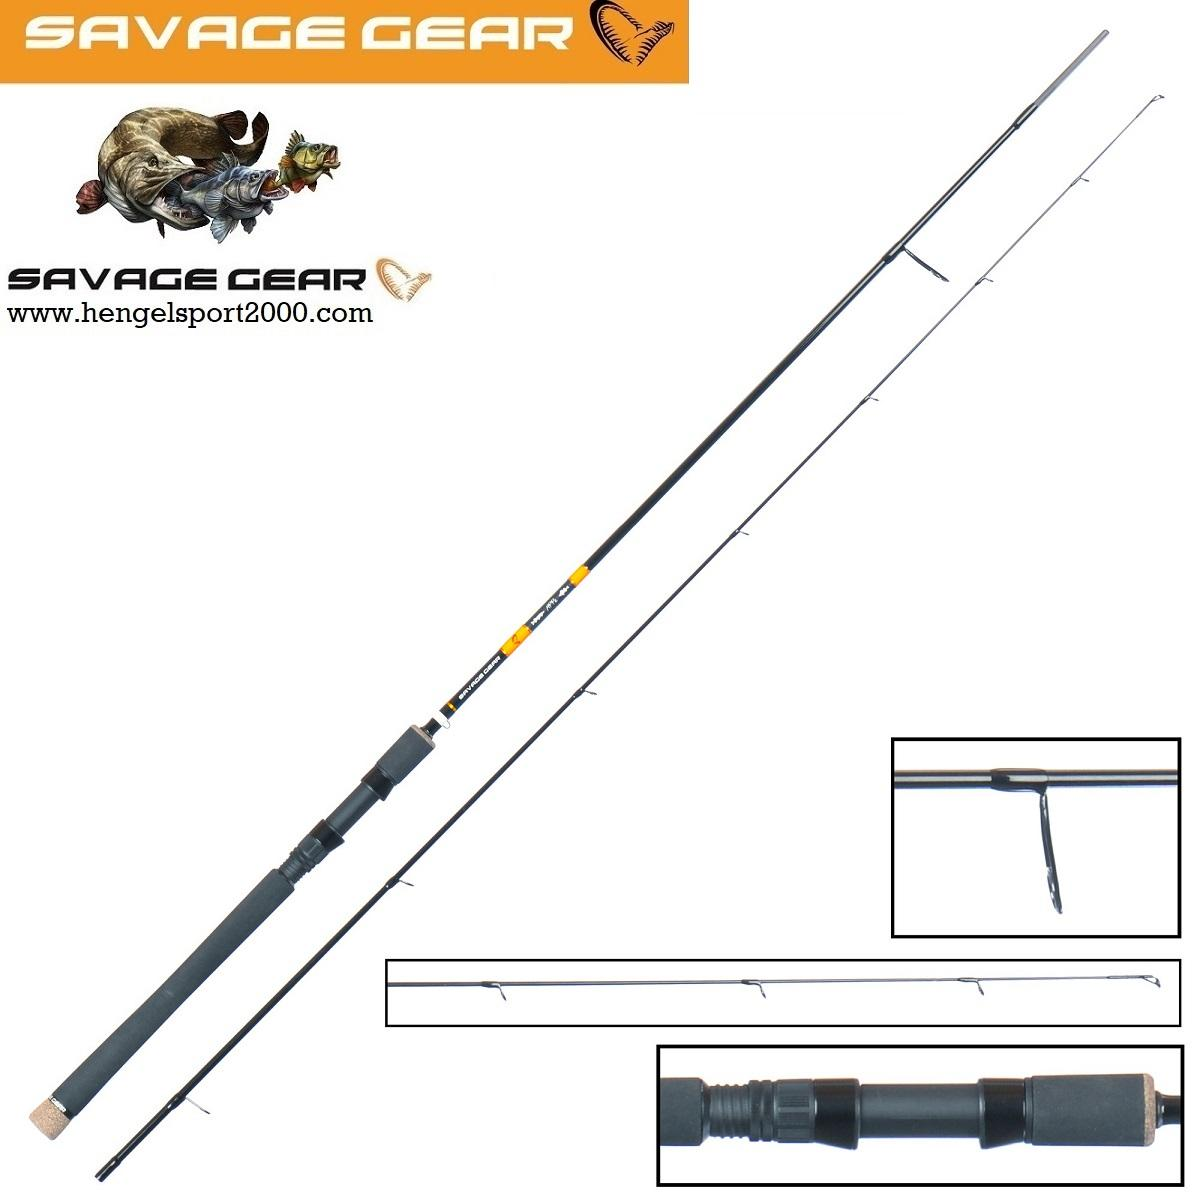 Savage Gear Multi Purpose Predator2 Spin 198 cm 7 - 23 gram